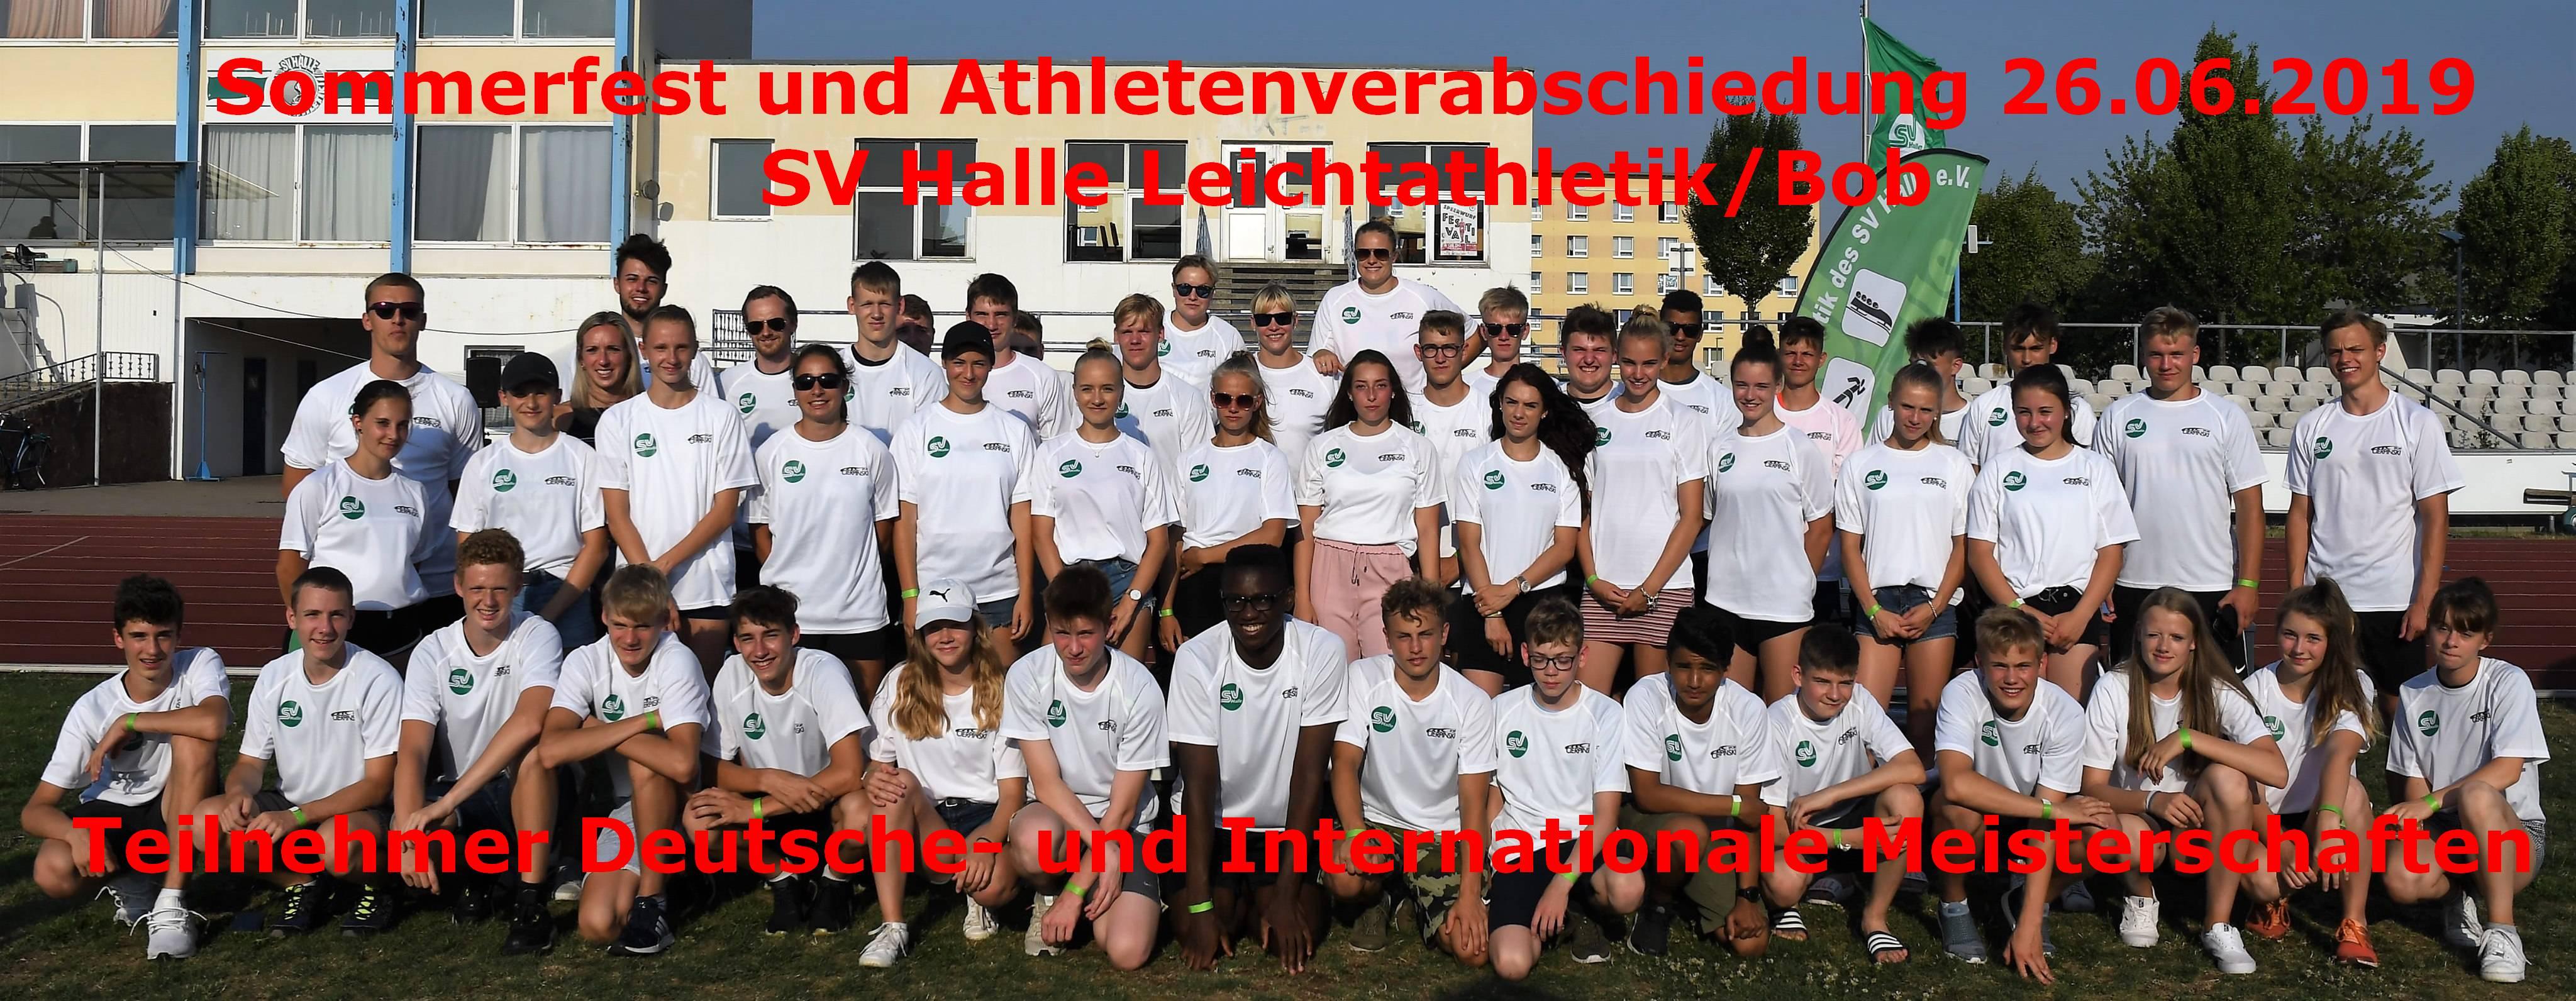 Berufene Teilnehmer für DM und International - Foto Bernd Hammlemann